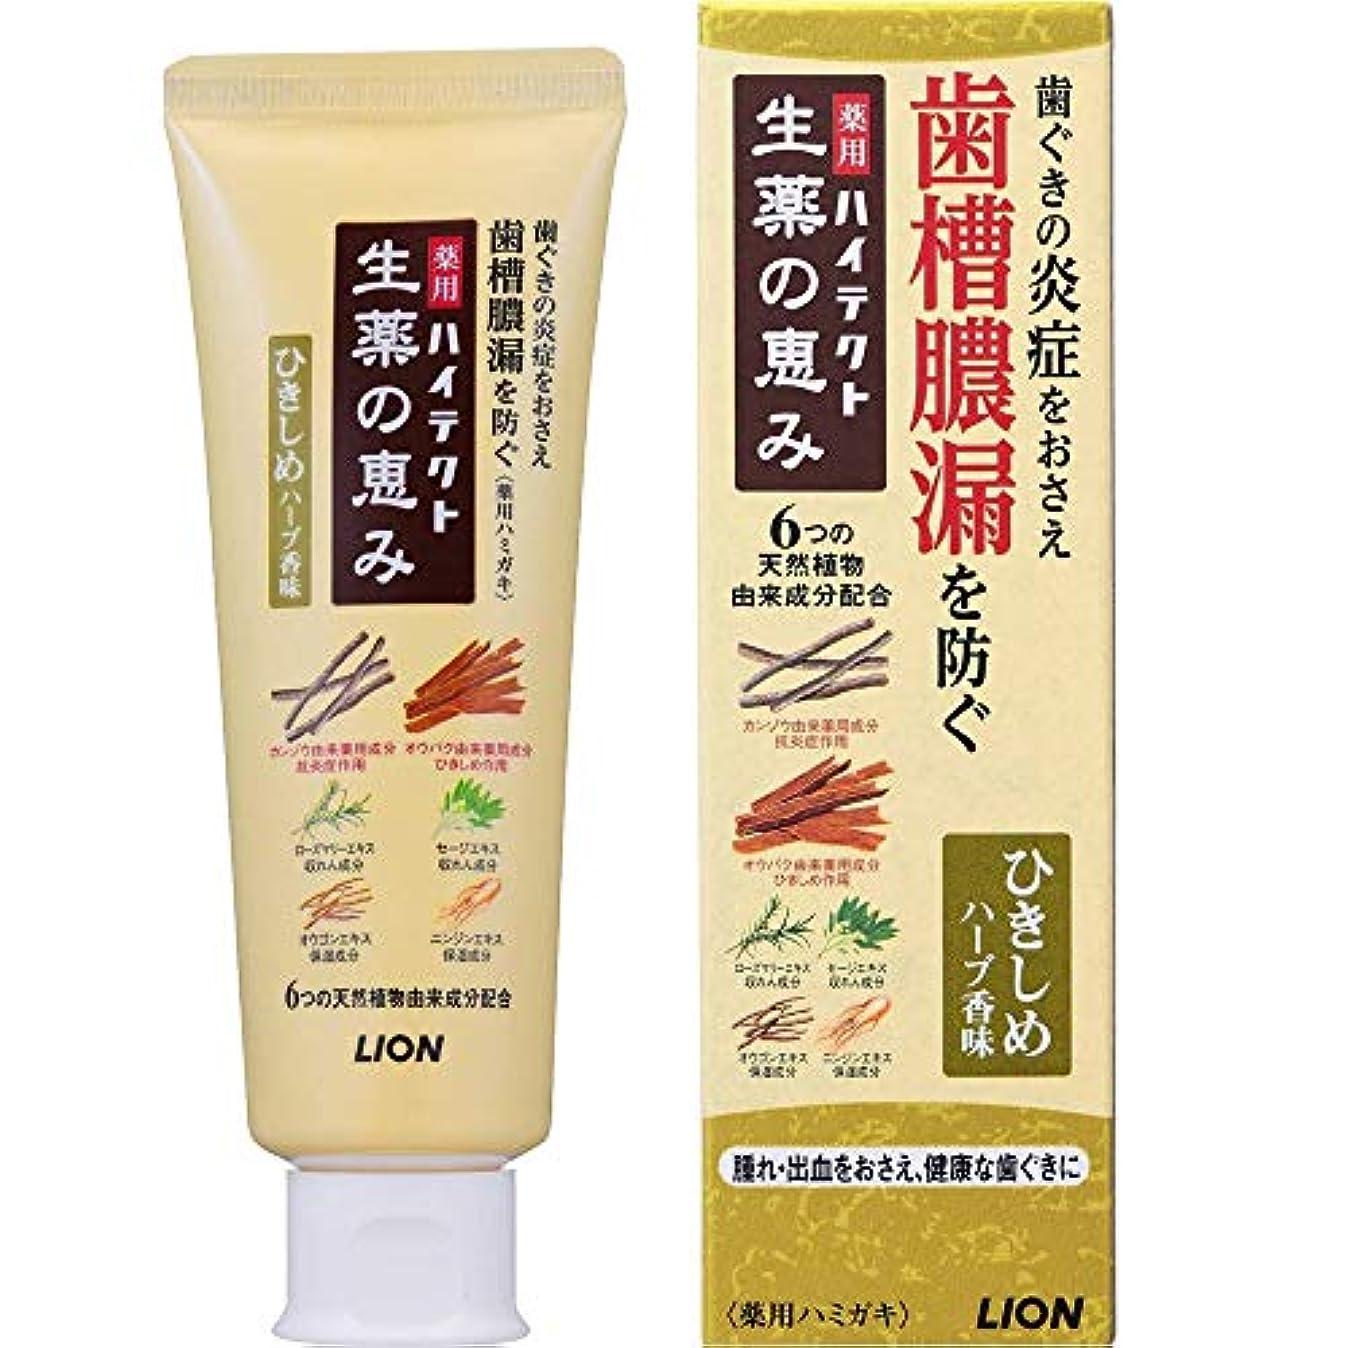 取り替える同僚窒素薬用ハイテクト生薬の恵み ひきしめハーブ香味 90g (医薬部外品)